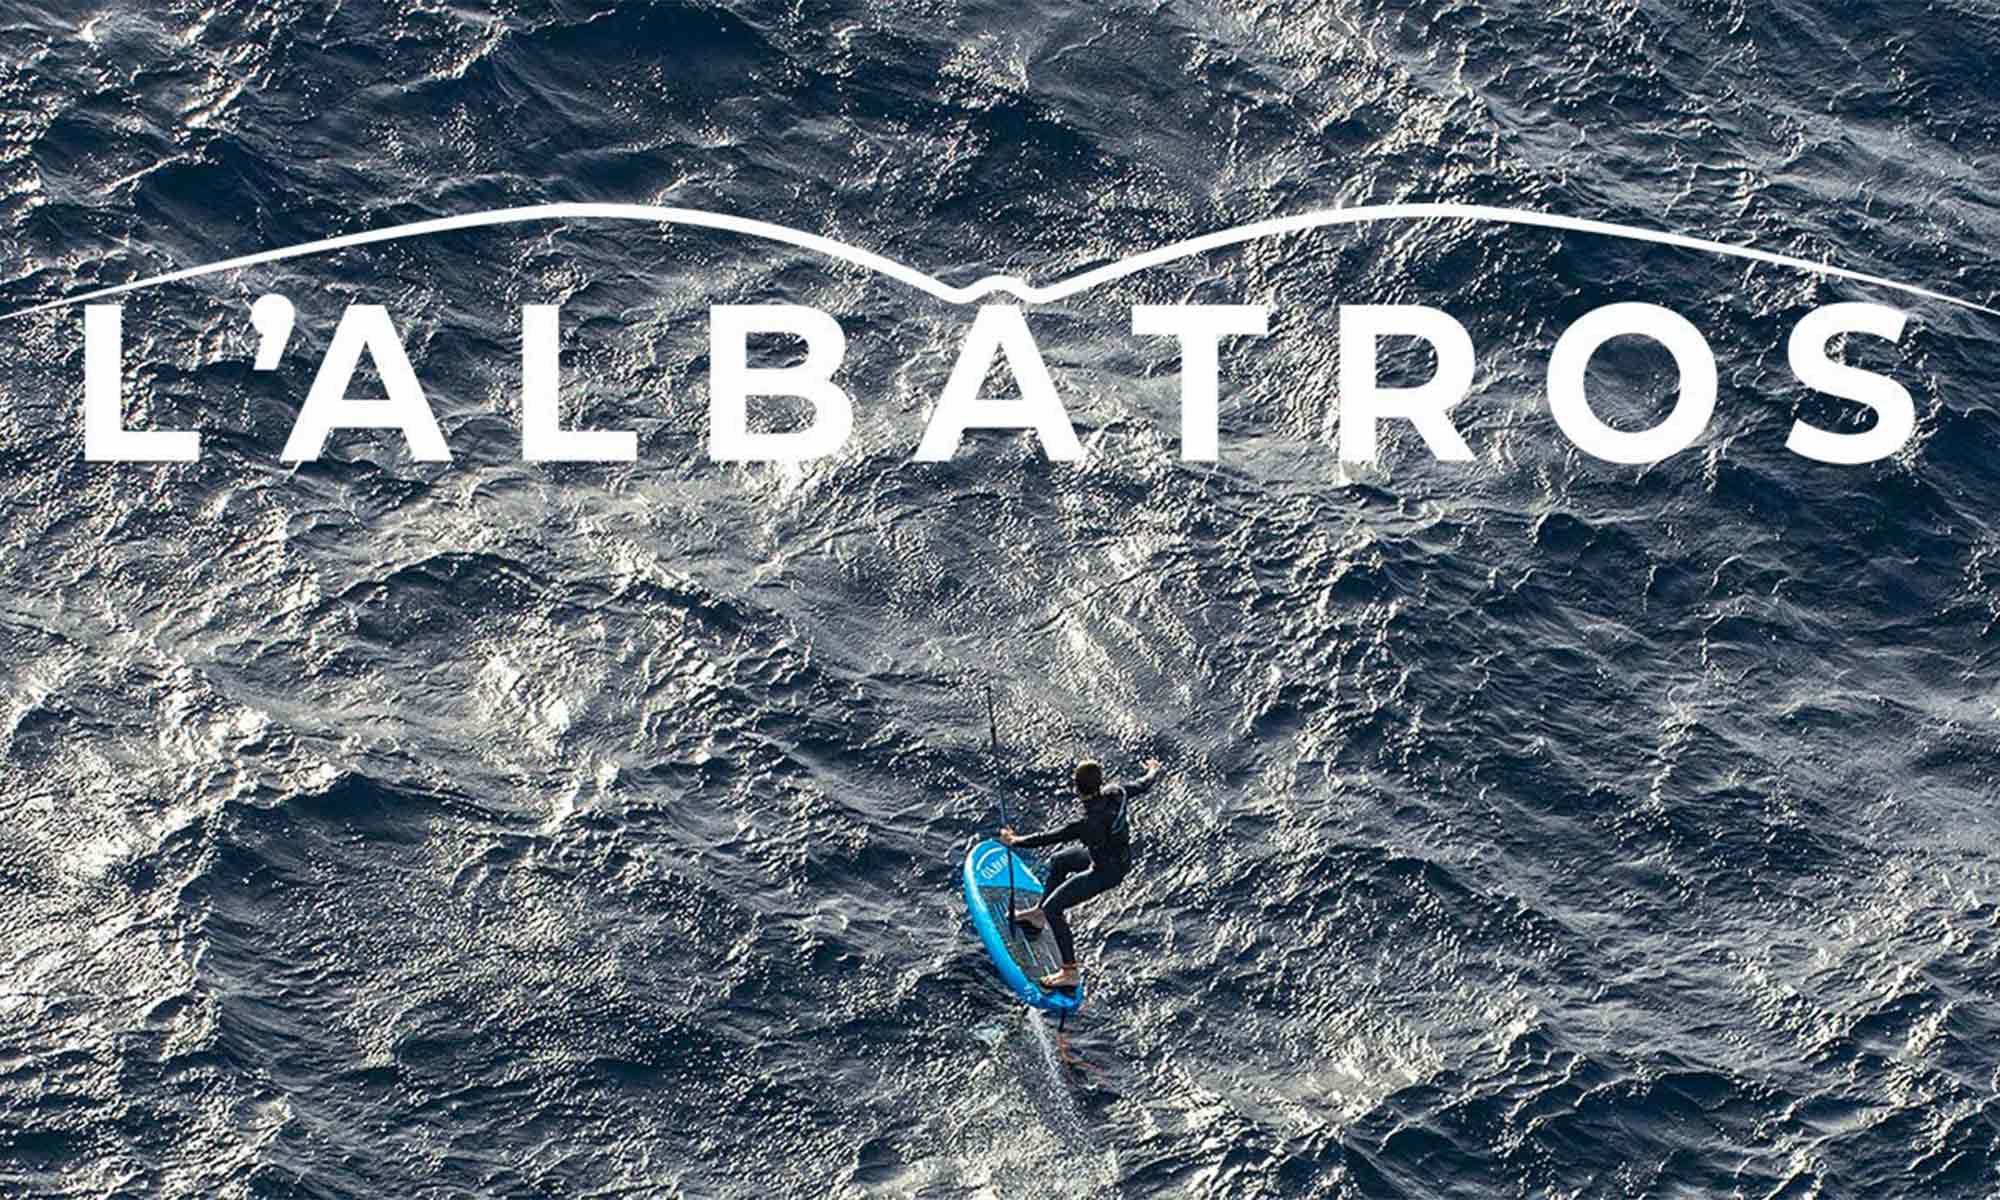 L'albatros, film waterman